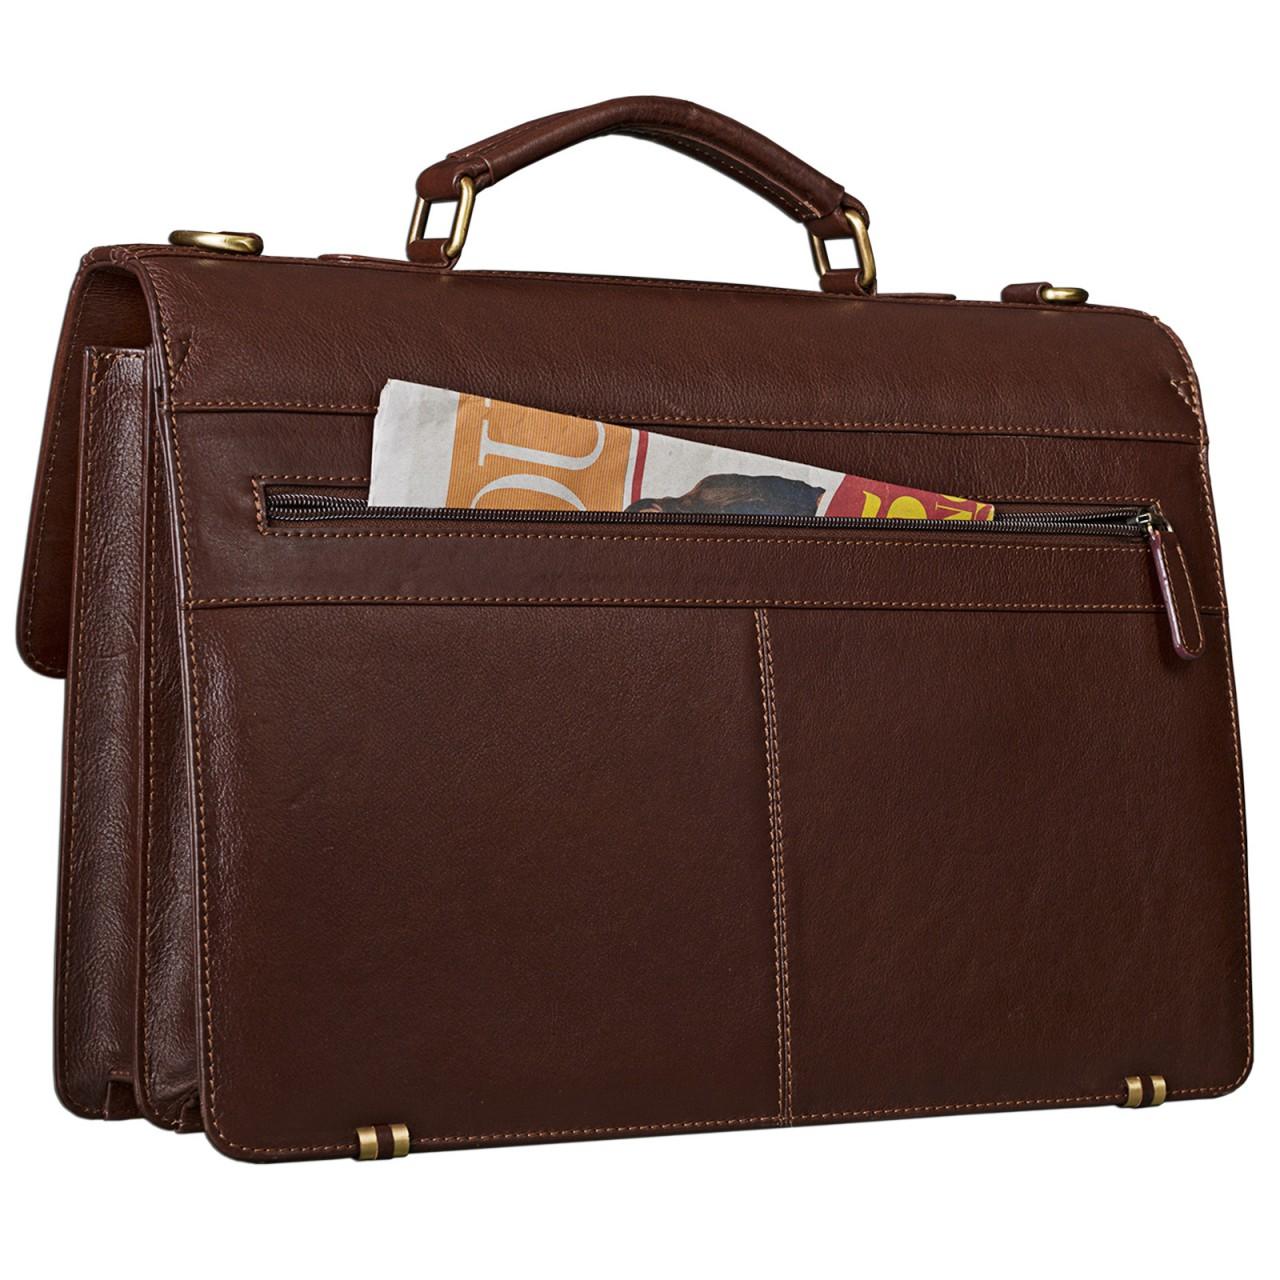 STILORD Vintage Businesstasche elegant Umhängetasche Handtasche Büro Lehrertasche aus echtem Rindsleder, rot-braun - Bild 6